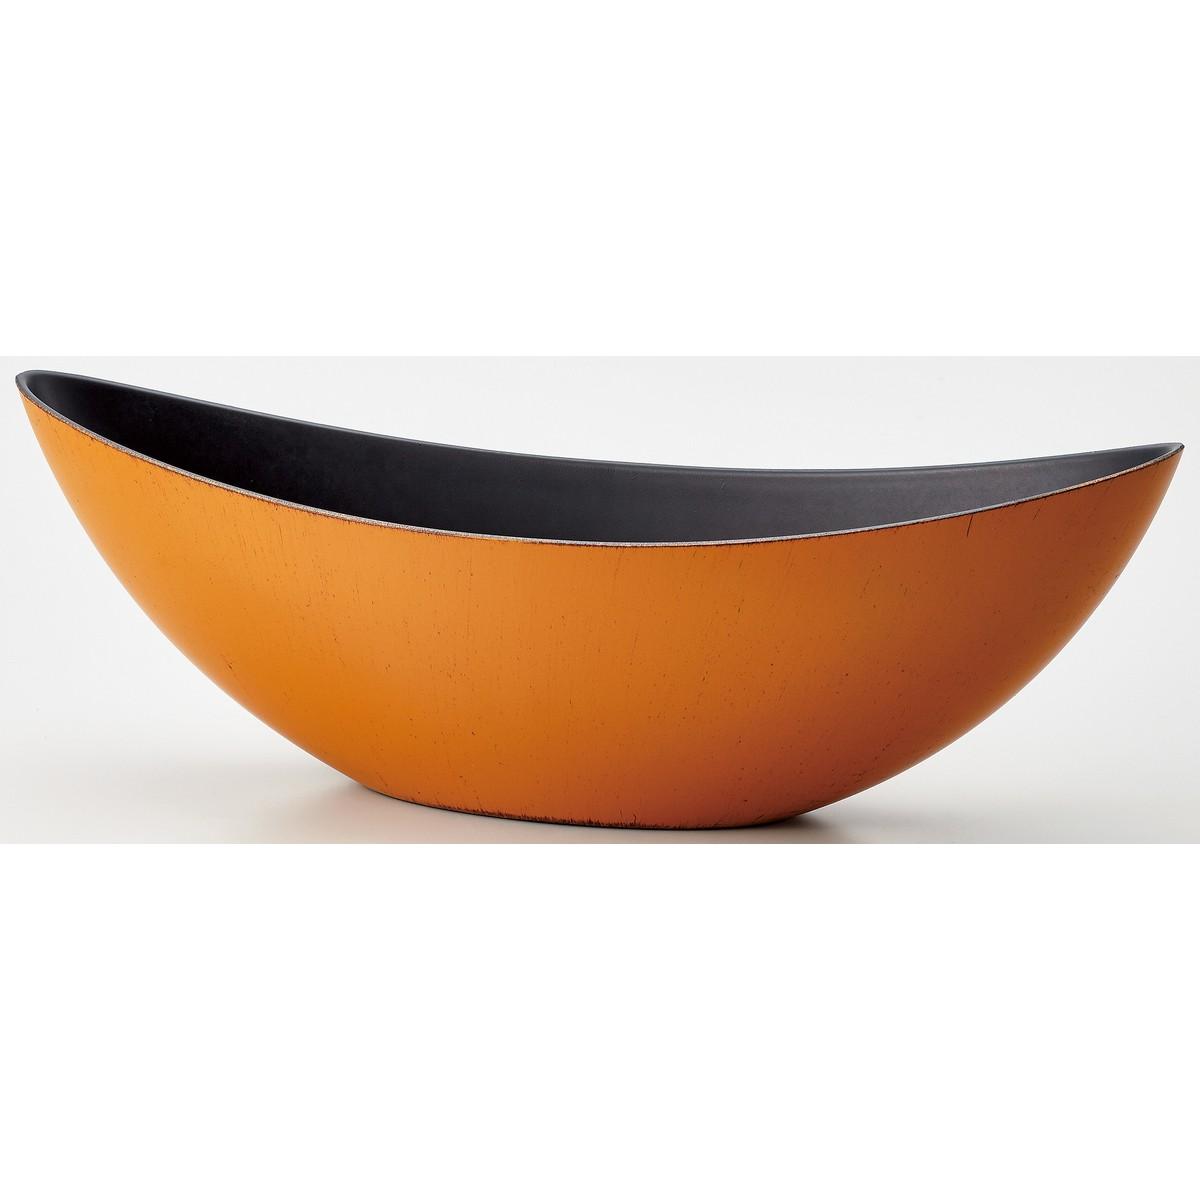 WABIボートL MOI−63 MOI−631 イブシヤマブキ/134-631-5【01】【取寄】《 花器、リース 花器・花瓶 プラスチック・アクリル花器 》